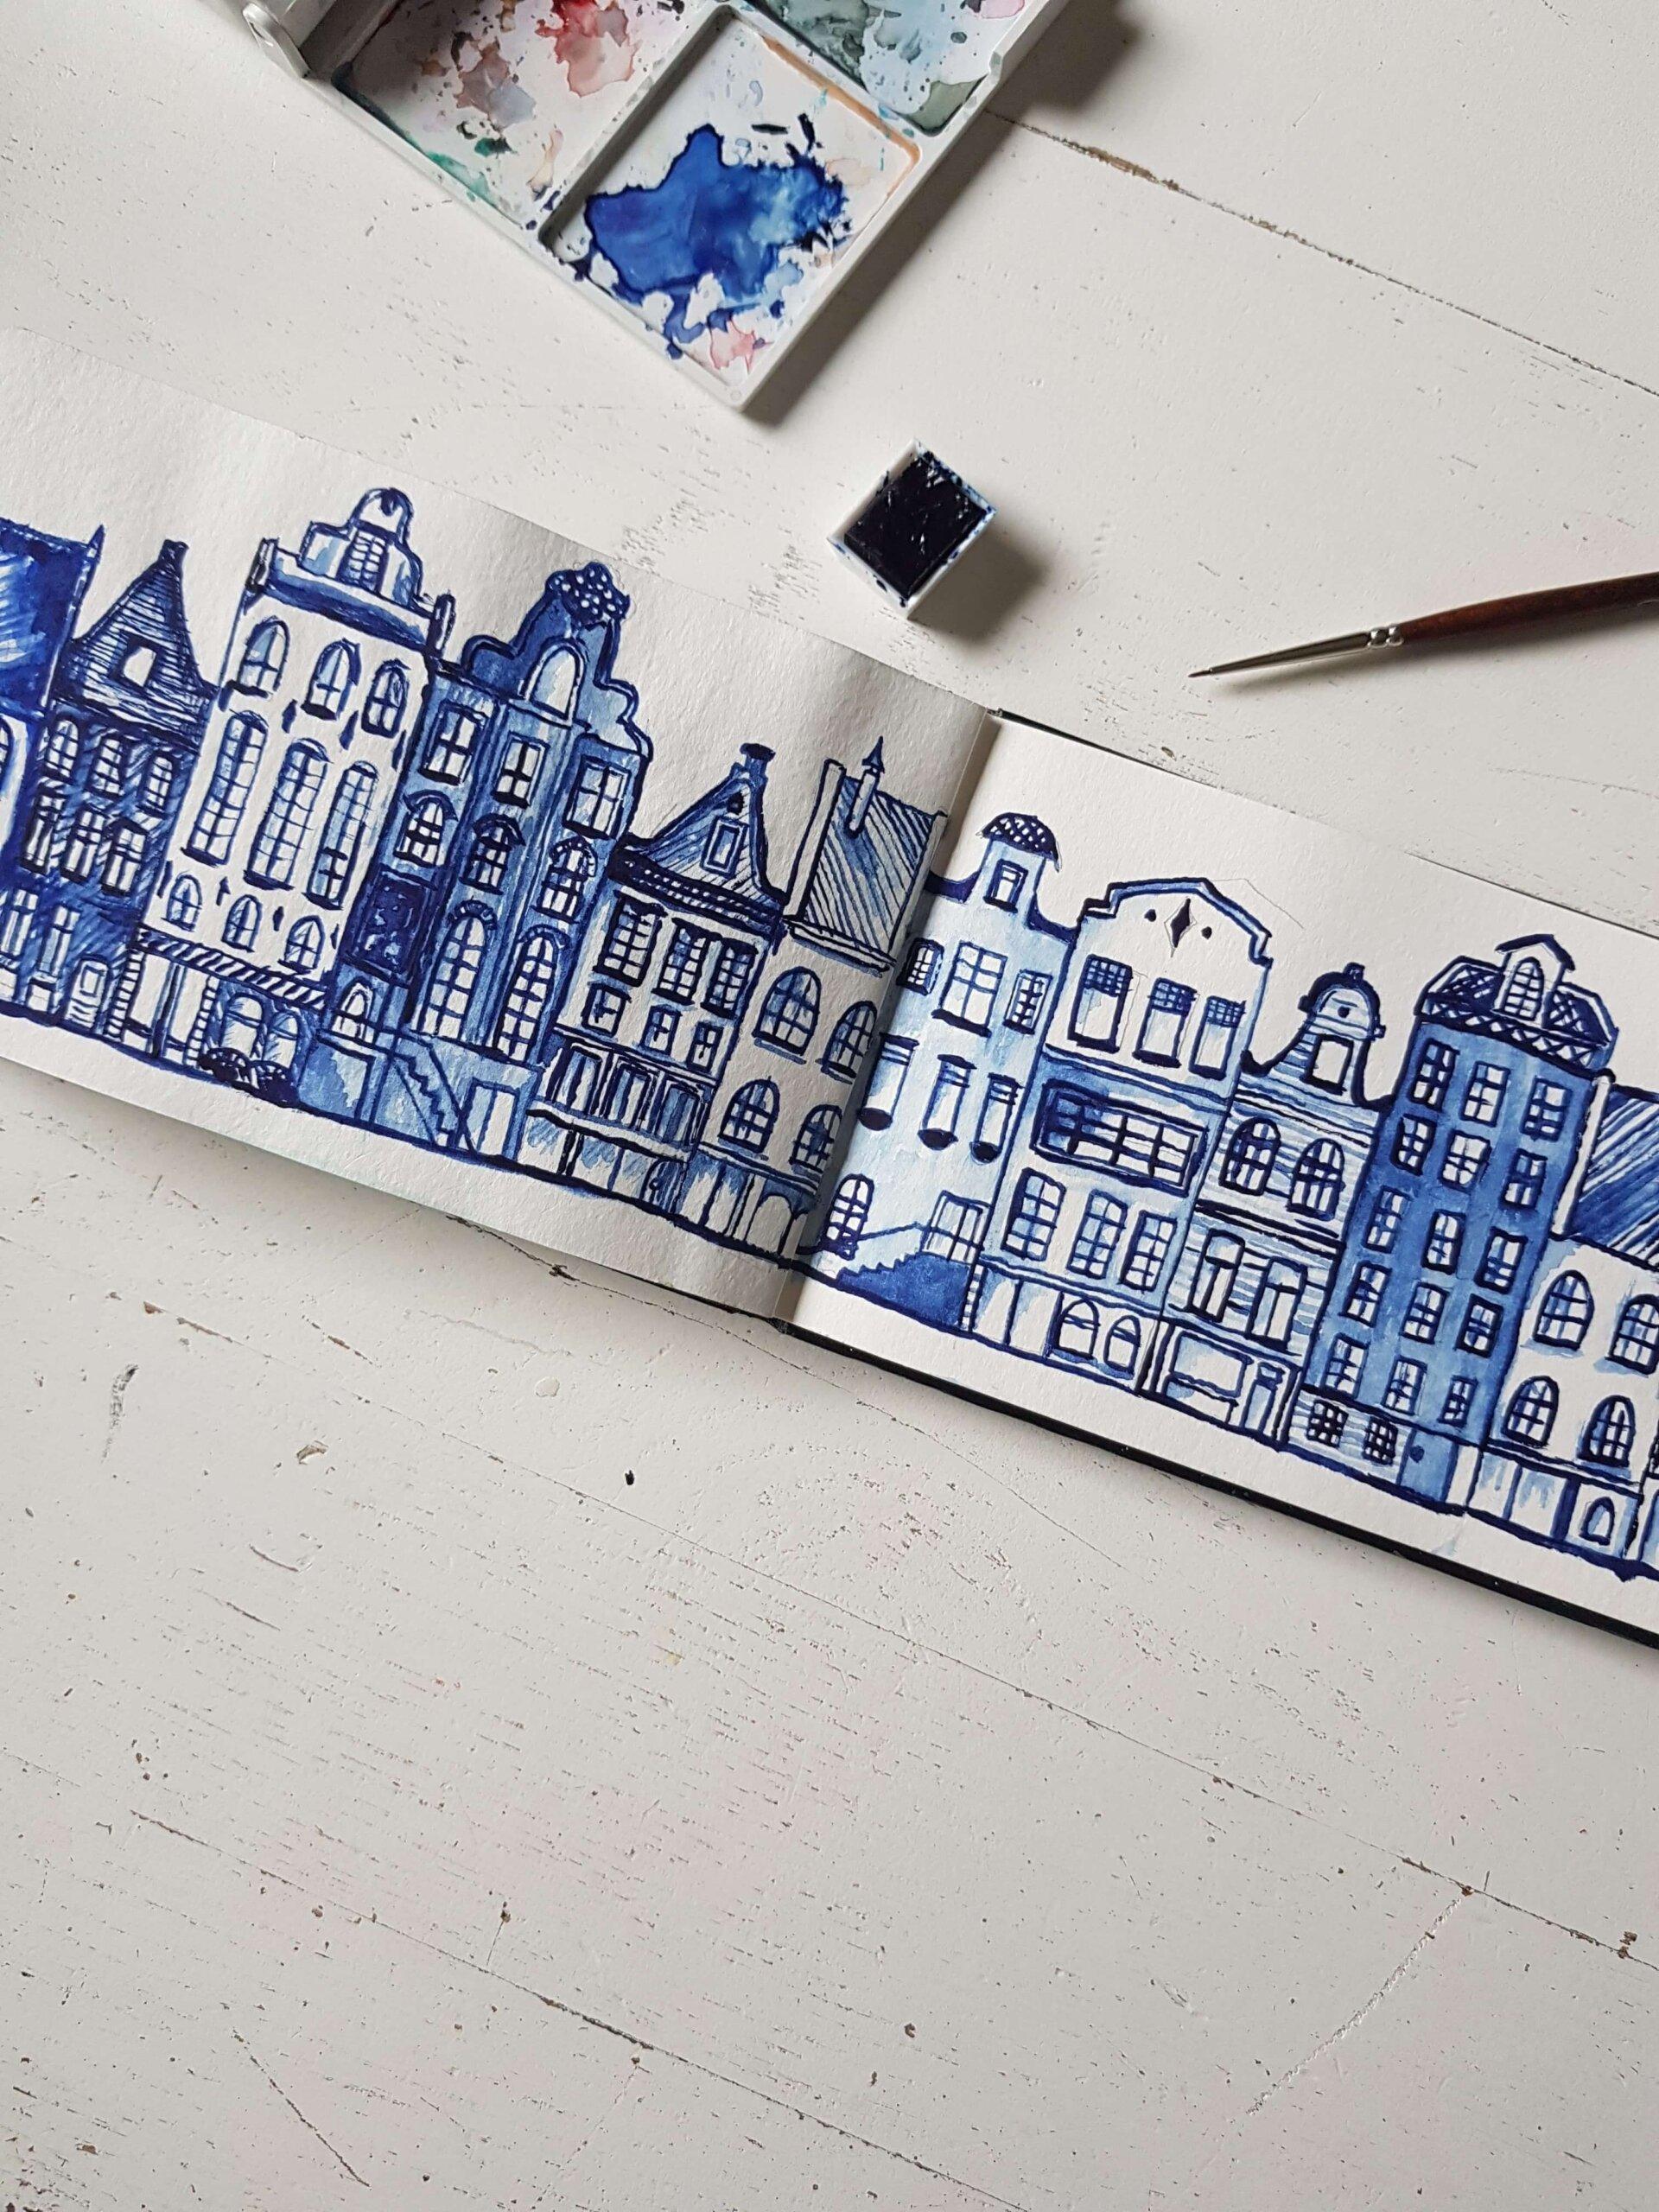 Grachtendpanden in Delft, gemaakt met waterverf.